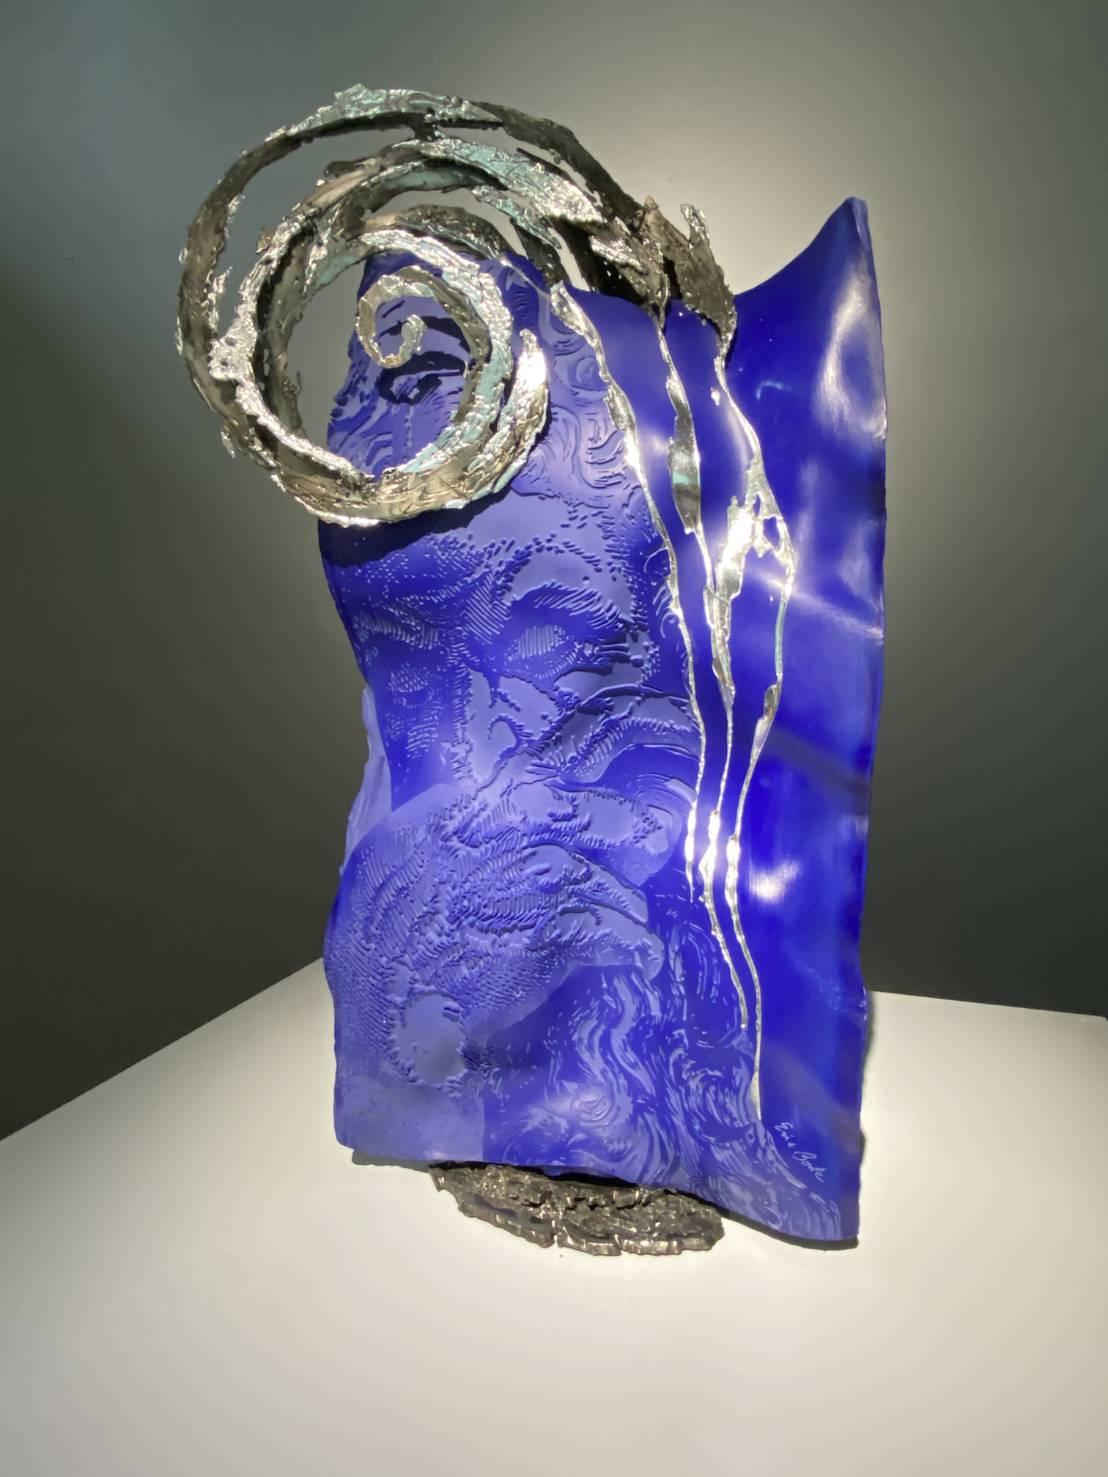 穹頂玻璃光之神---埃里克.邦特 法國玻璃雕塑大師個展